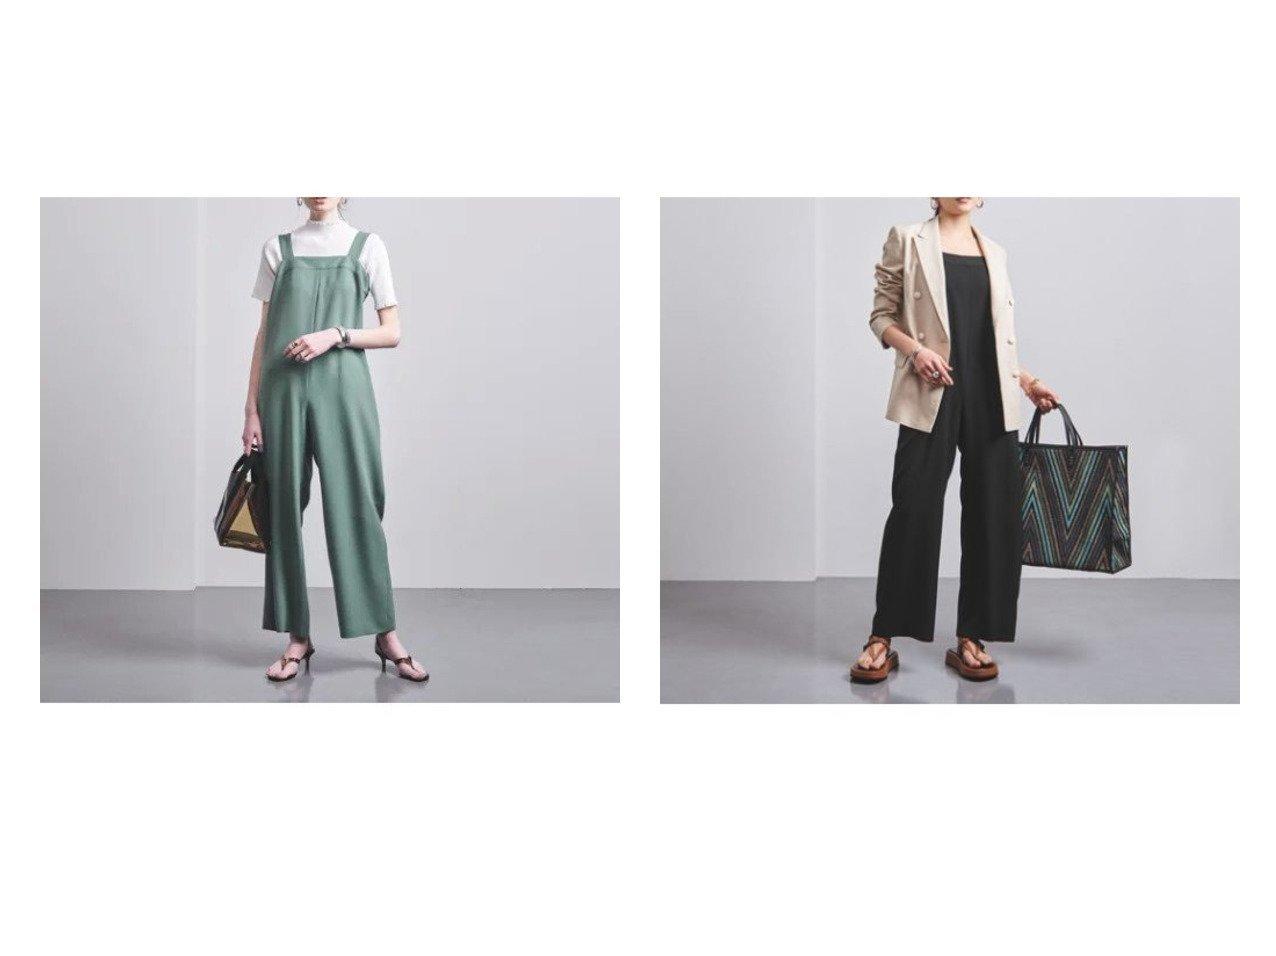 【UNITED ARROWS/ユナイテッドアローズ】のUWMSC P バックベルト サロペット† ワンピース・ドレスのおすすめ!人気、トレンド・レディースファッションの通販 おすすめで人気の流行・トレンド、ファッションの通販商品 メンズファッション・キッズファッション・インテリア・家具・レディースファッション・服の通販 founy(ファニー) https://founy.com/ ファッション Fashion レディースファッション WOMEN ワンピース Dress オールインワン ワンピース All In One Dress サロペット Salopette バッグ Bag ベルト Belts おすすめ Recommend インナー サロペット ジャケット ポケット |ID:crp329100000024048